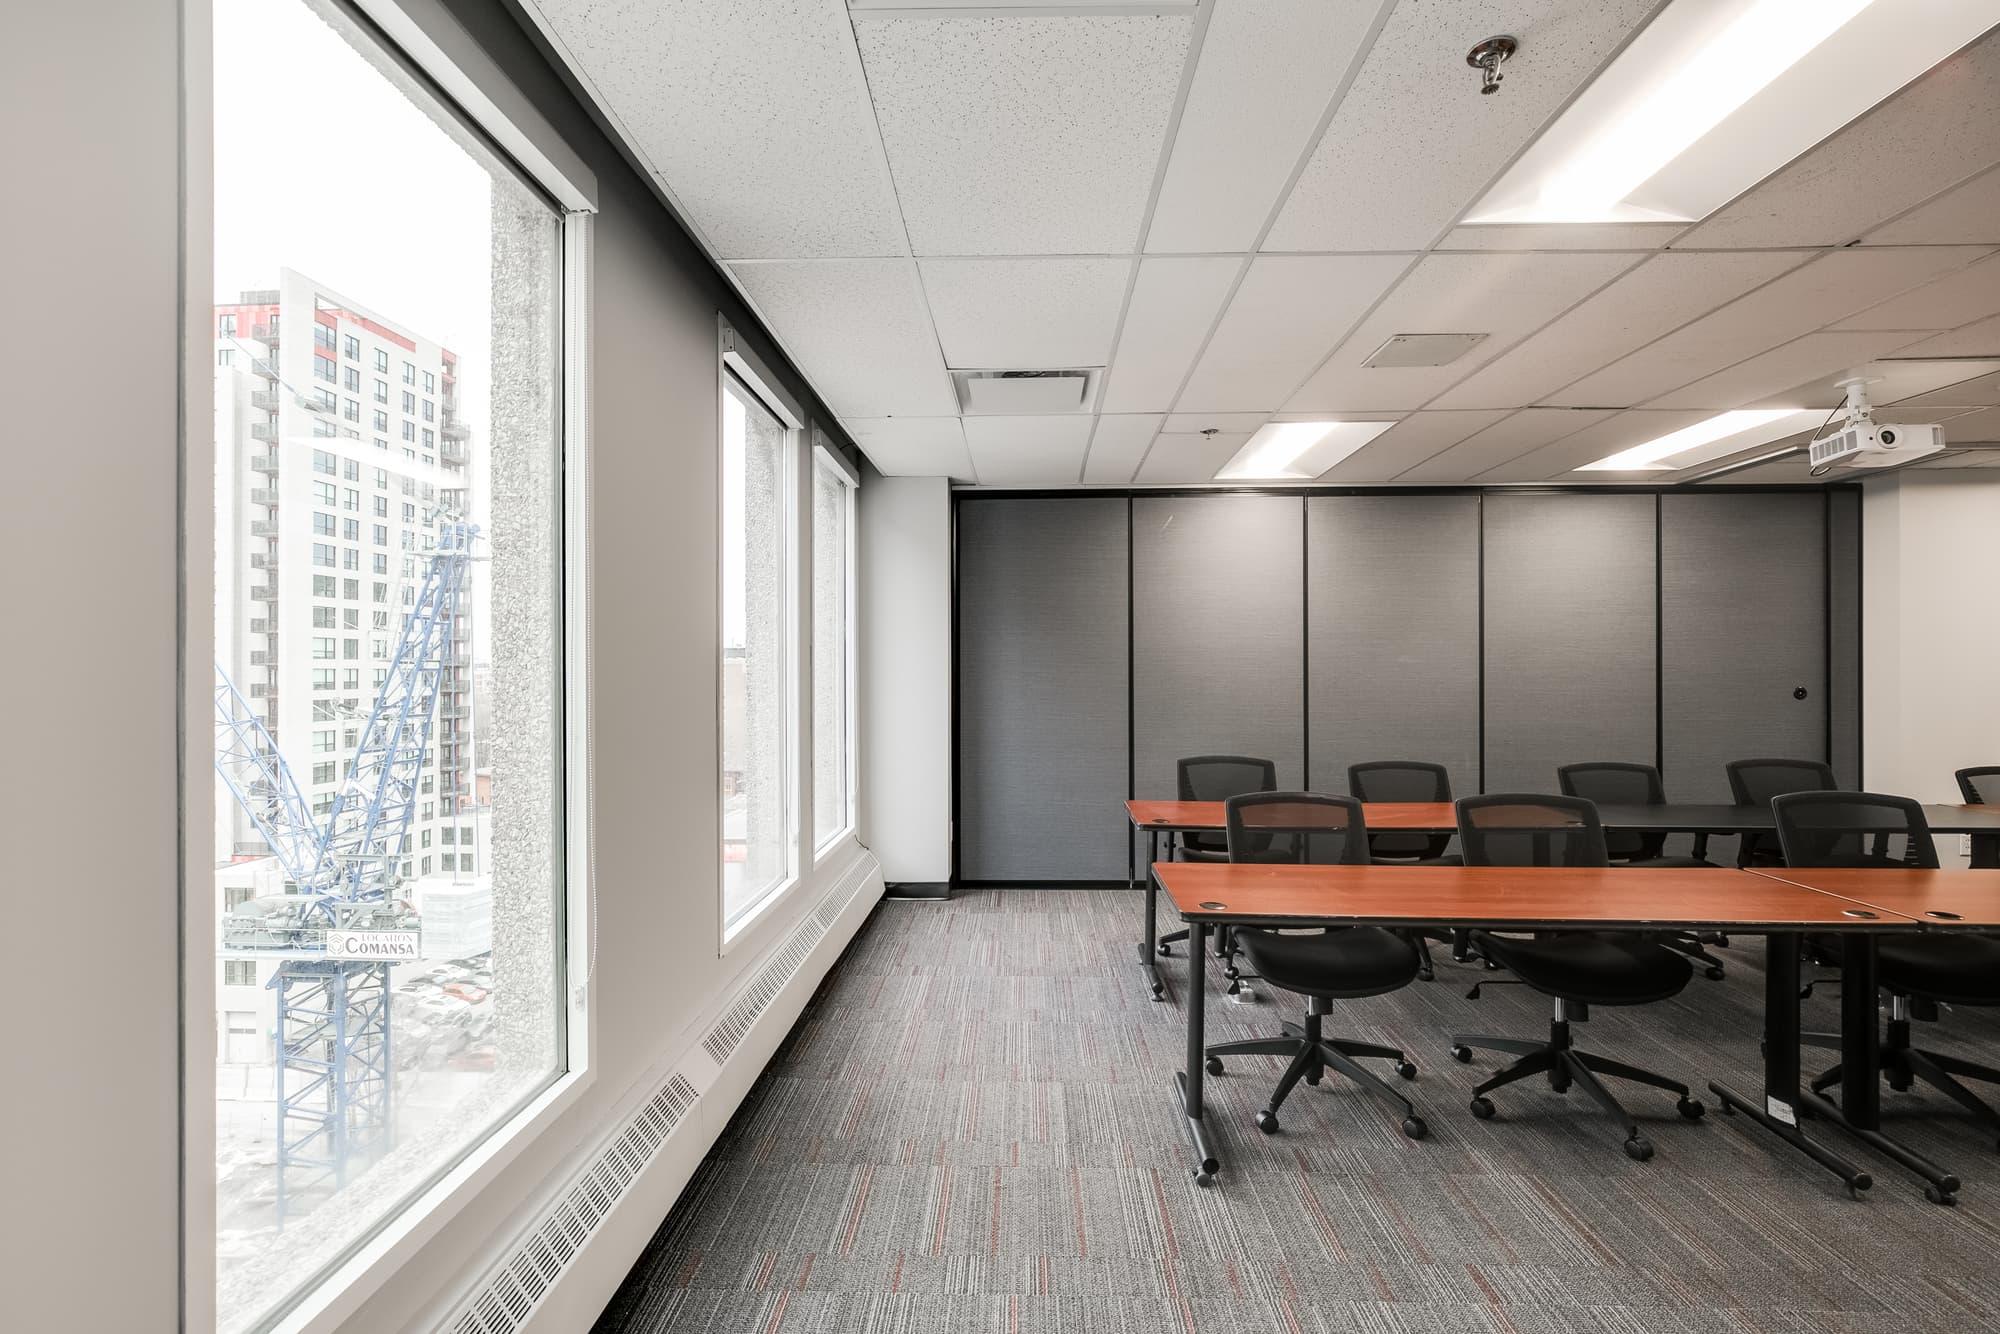 salle de cours avec différentes tables et chaises + cloison amovible et grandes fenêtres